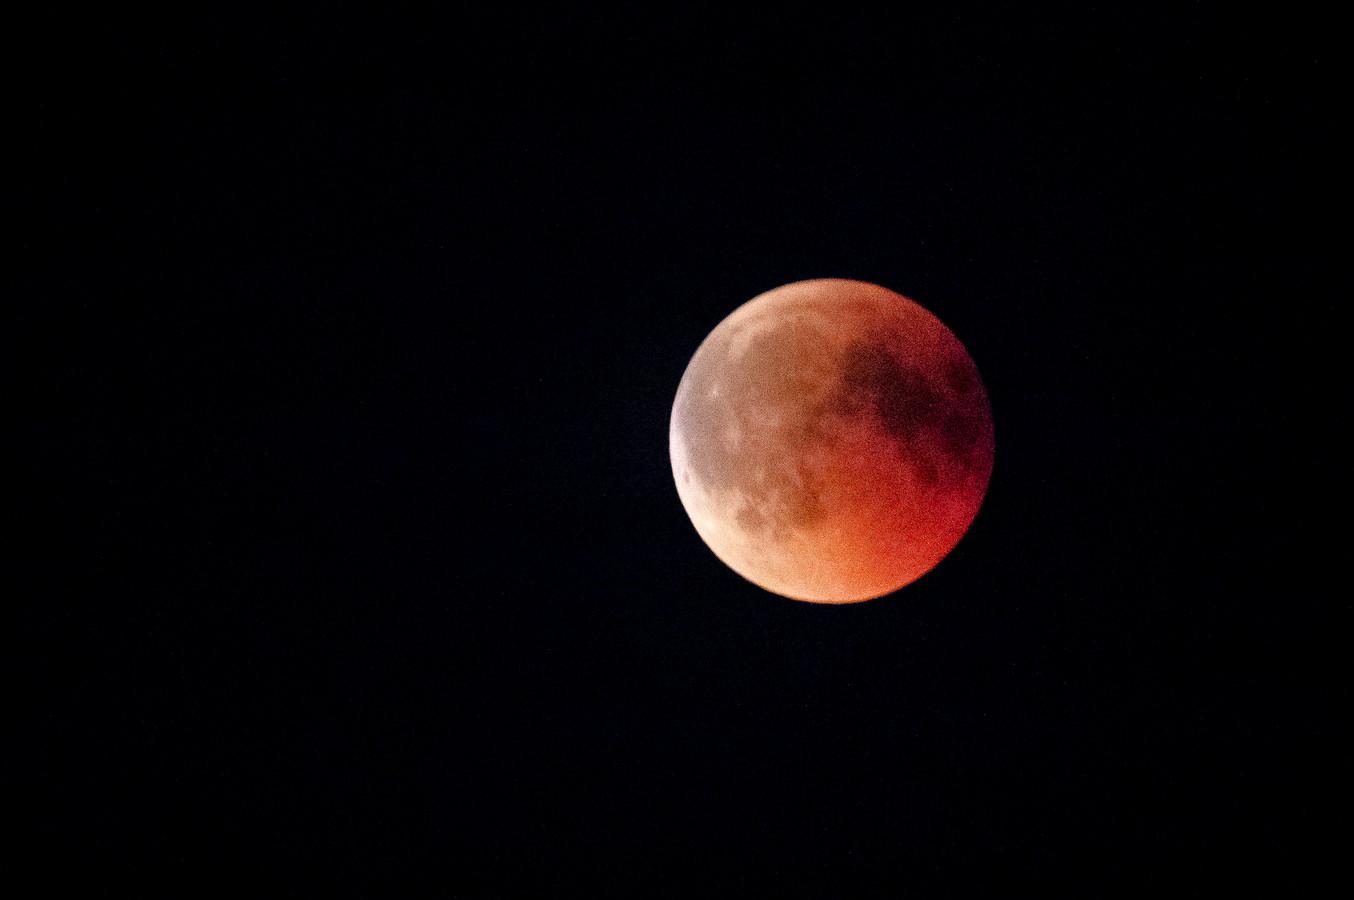 Op 27 juli 2018 kleurde de maan bloedrood door een totale maansverduistering. Het was de langste eclips van de eeuw.